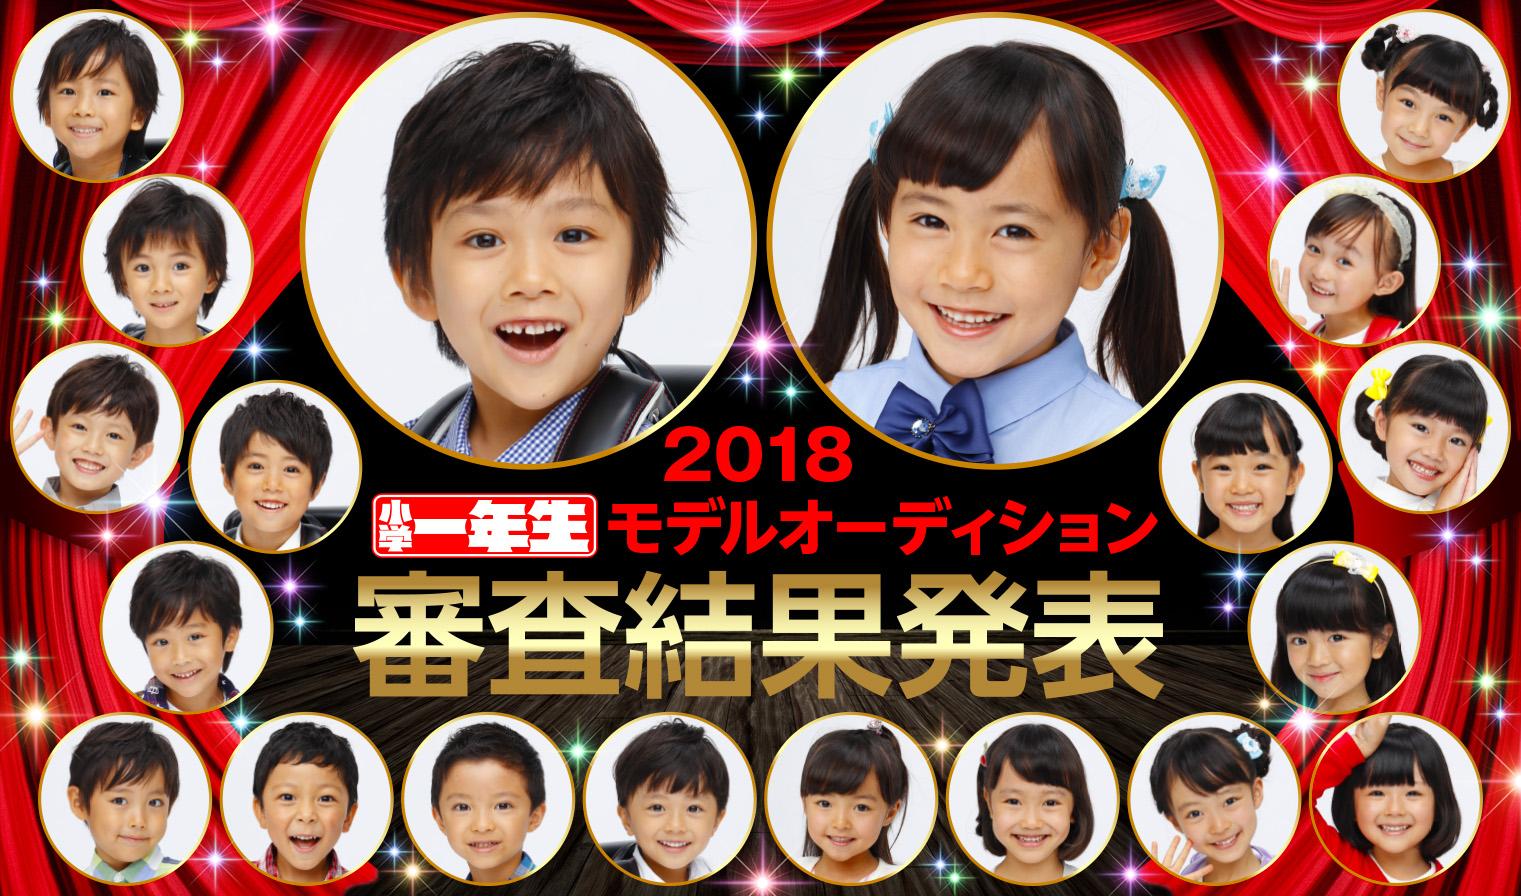 2018年度『小学一年生』モデルの女の子